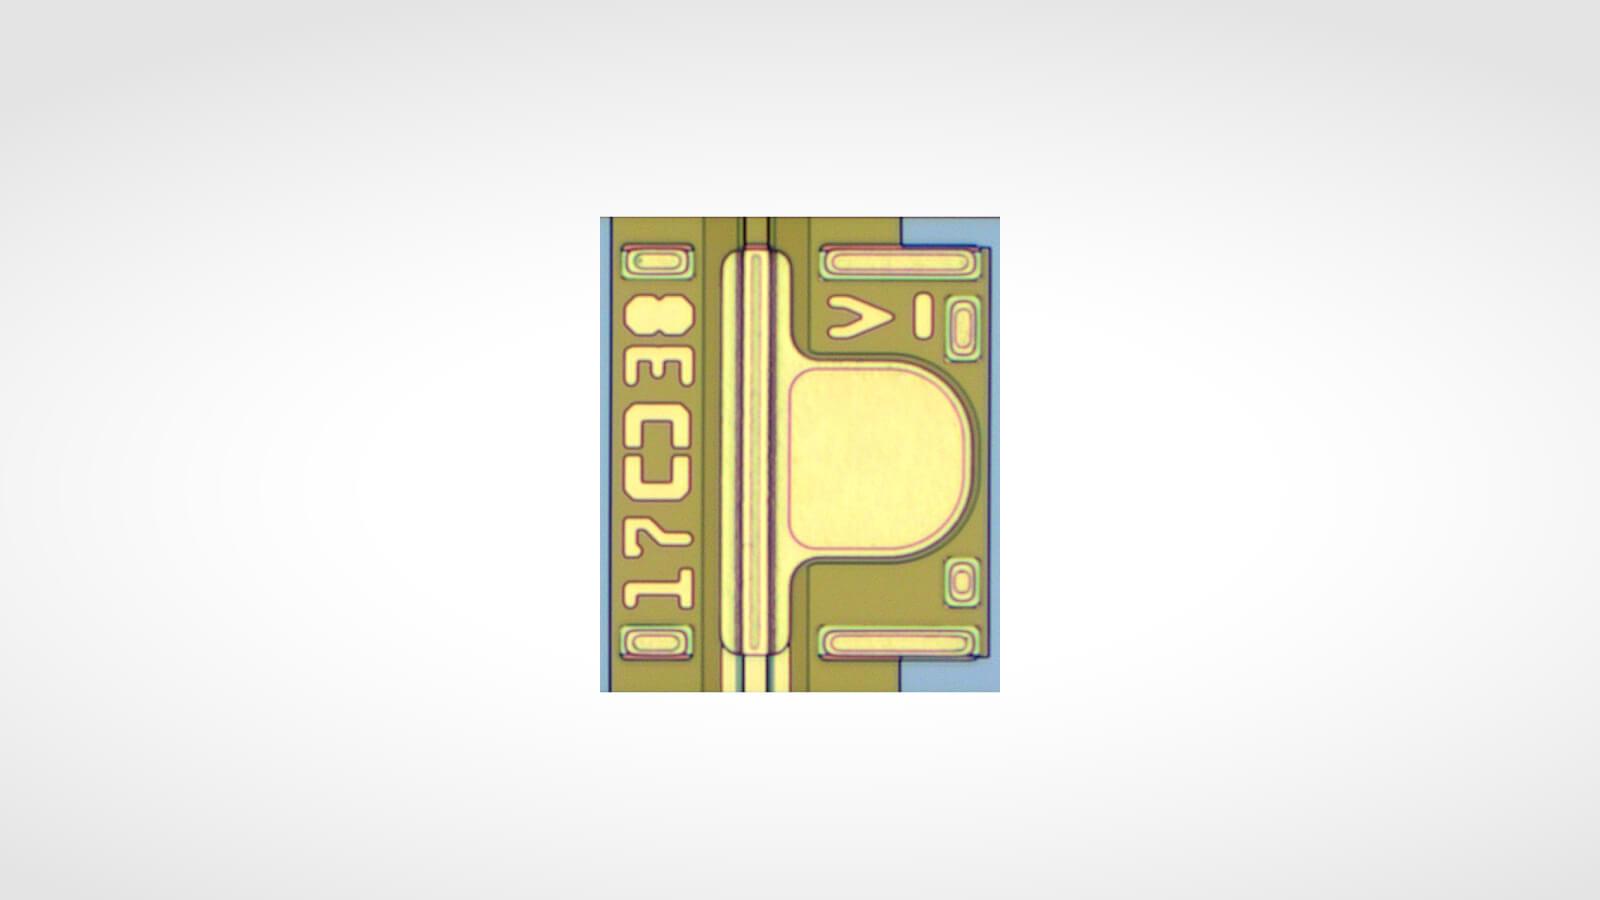 II‐VI推出用于数据中心高速收发器的直接调制激光器